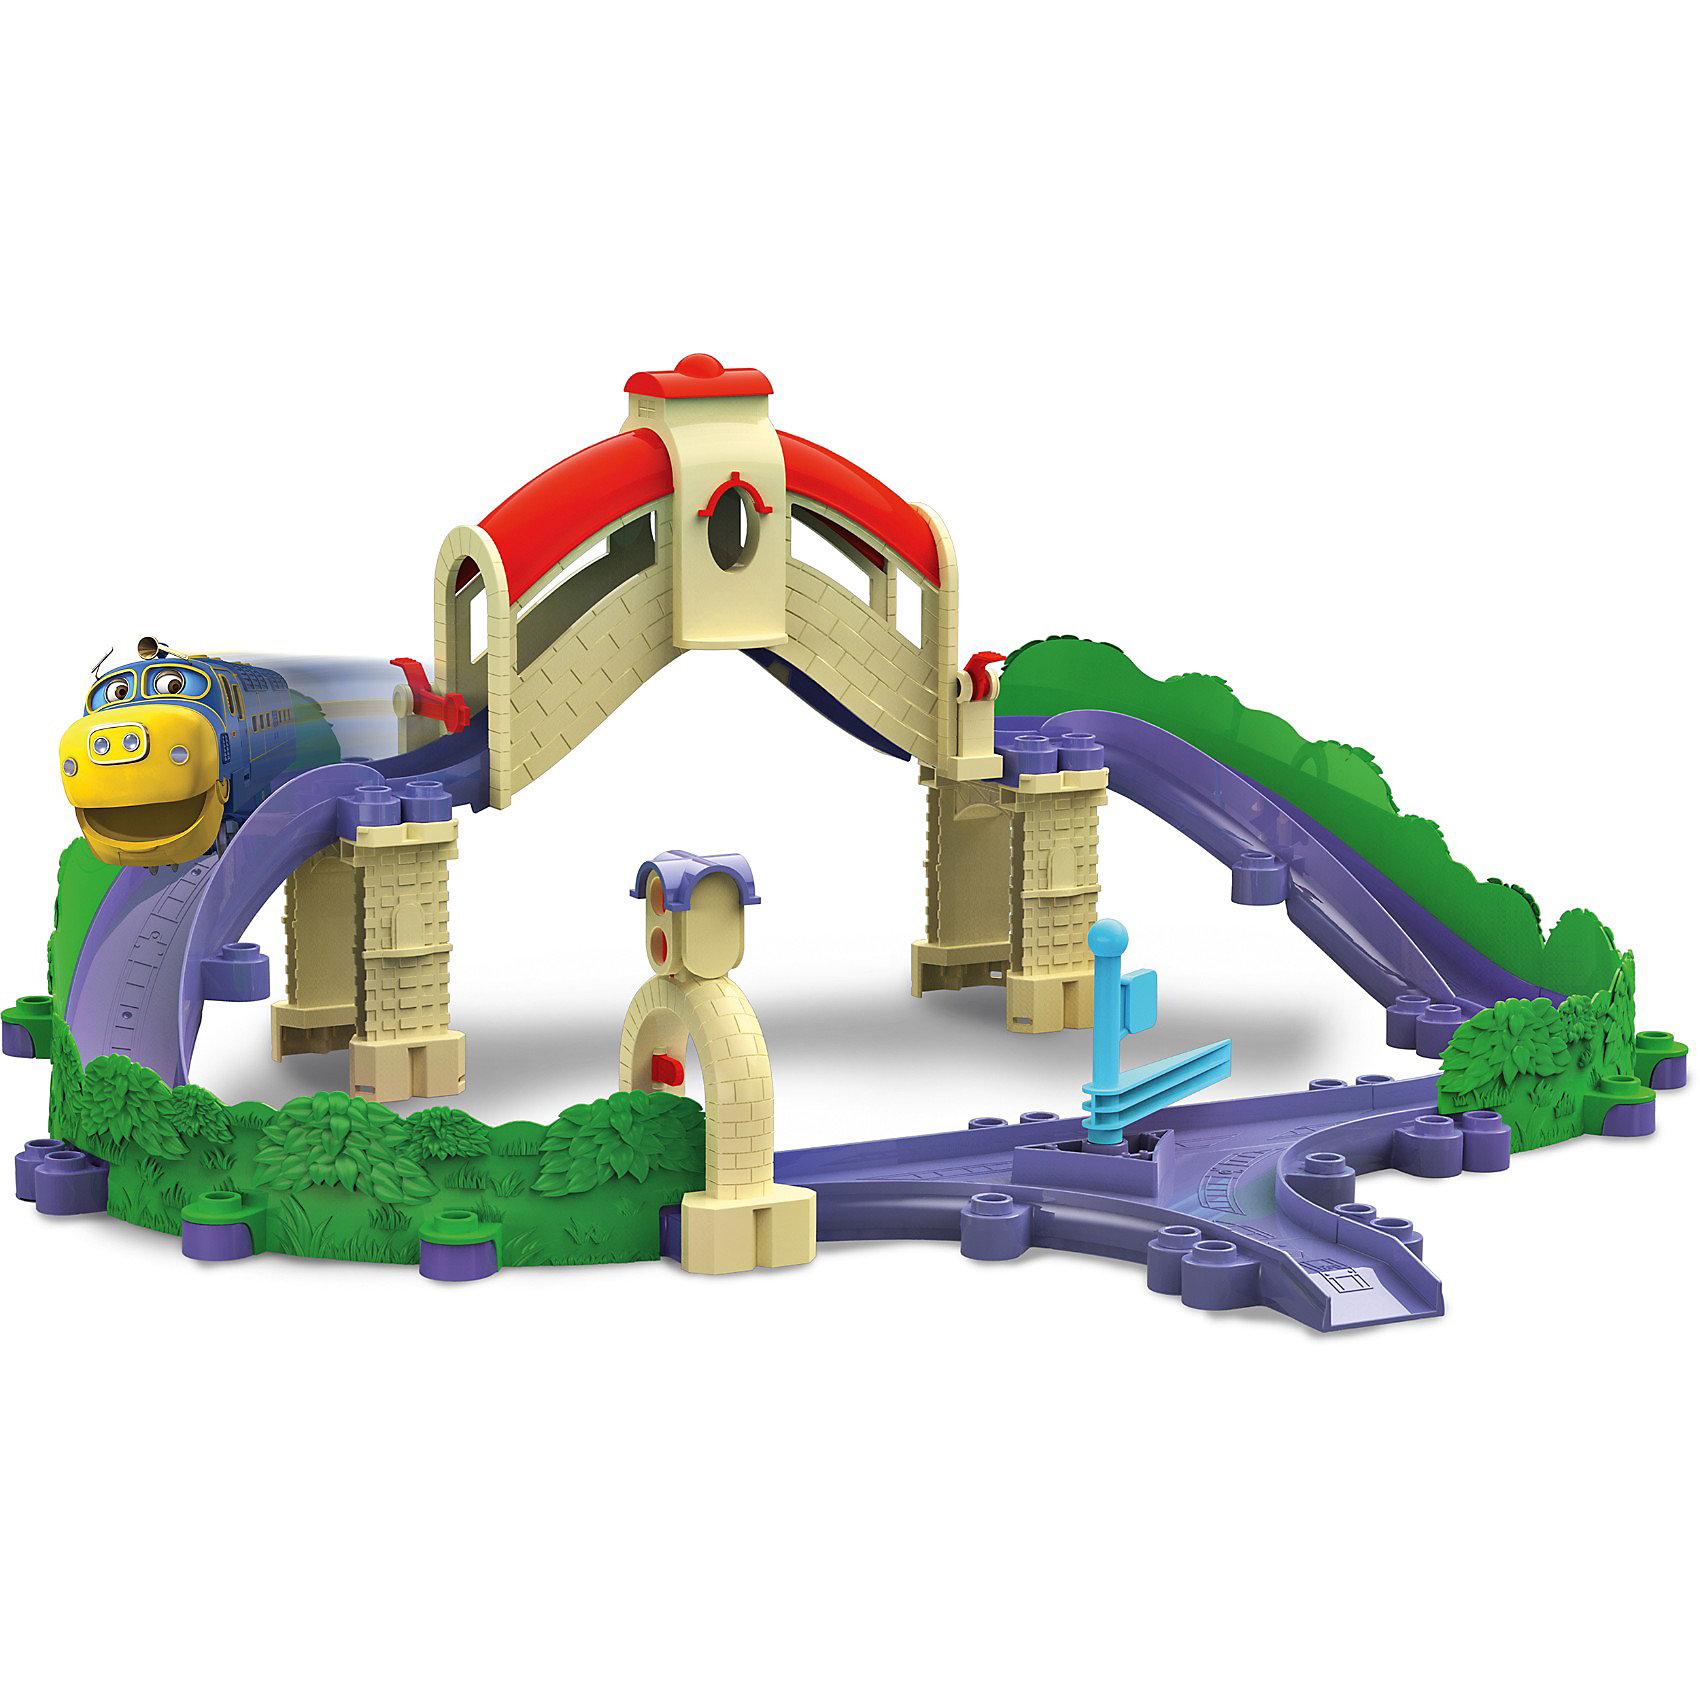 Игровой набор Мост и туннель, StackTrack, ЧаггингтонЧаггингтон<br>Игровой набор Мост и туннель, StackTrack, Чаггингтон создан по мотивам популярного мультсериала Паровозики из Чаггингтона и станет отличным подарком для его поклонников и всех любителей железнодорожной техники. Чаггингтон (Chuggington) - это городок где живут и работают веселые паровозики, каждое утро они развозят грузы и пассажиров по назначению. Построив трассу из деталей набора, юный любитель паровозиков Чаггингтон сможет придумать множество веселых игр и сценок по мотивам любимого мультика. <br><br>В наборе содержится 2 больших моста и один маленький туннель. Выберите один из двух вариантов сборки трека и отправляйте паровозика Брюстера на задание. Ему предстоит скатиться на большой скорости с высокой горки вниз, взобраться на мост и съехать с него. Направлением движения паровозика можно управлять с помощью шлагбаума. Игровой набор Мост и тоннель, StackTrack совмещается с наборами серии Die-Cast Chuggington.<br> <br>Дополнительная информация:<br><br>- В комплекте: трек и опоры для него, туннель, мост, стрелка, паровозик Брюстер.<br>- Материал: пластик, металл.<br>- Размер паровозика: 8 х 3 х 4 см.<br>- Размер упаковки: 40 х 25 х 13 см.<br>- Вес: 1,2 кг.<br><br>Игровой набор Мост и туннель, StackTrack, Чаггингтон можно купить в нашем интернет-магазине.<br><br>Ширина мм: 410<br>Глубина мм: 258<br>Высота мм: 126<br>Вес г: 1095<br>Возраст от месяцев: 36<br>Возраст до месяцев: 60<br>Пол: Унисекс<br>Возраст: Детский<br>SKU: 3592485